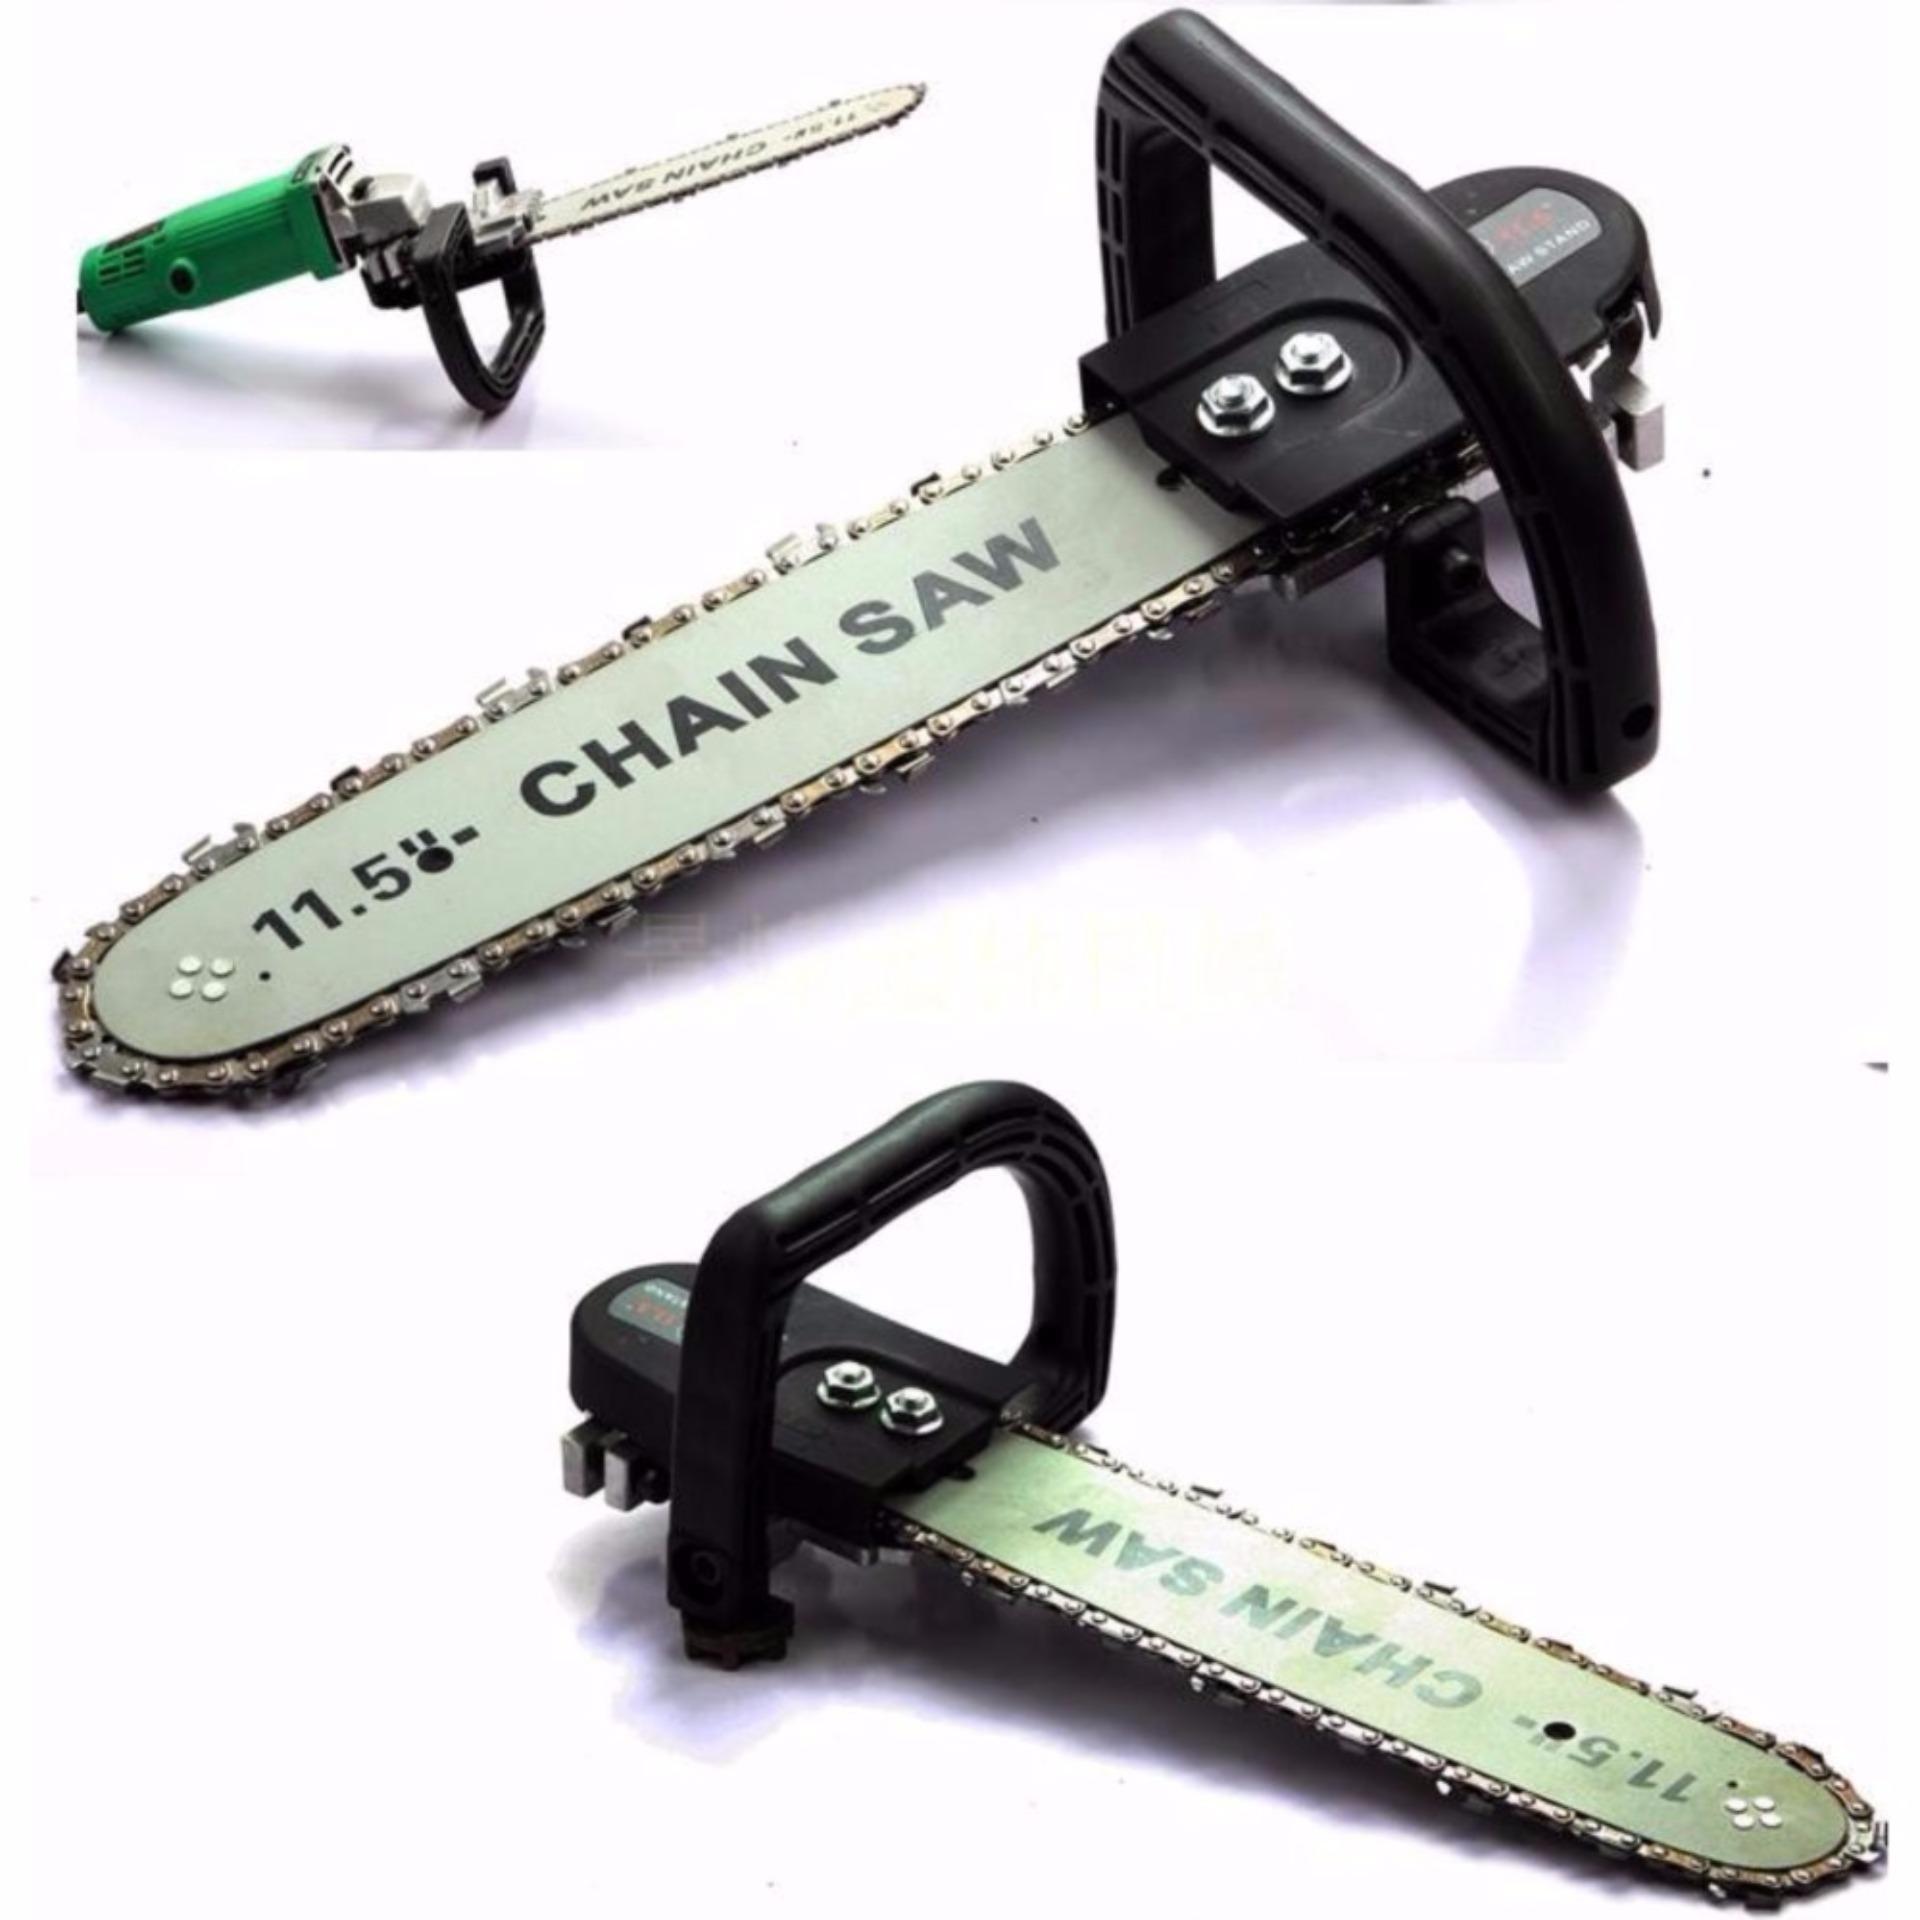 Lam Xích Lắp Máy Mài Góc Cầm Tay  - sử dụng cho máy cưa gỗ mini giá rẻ